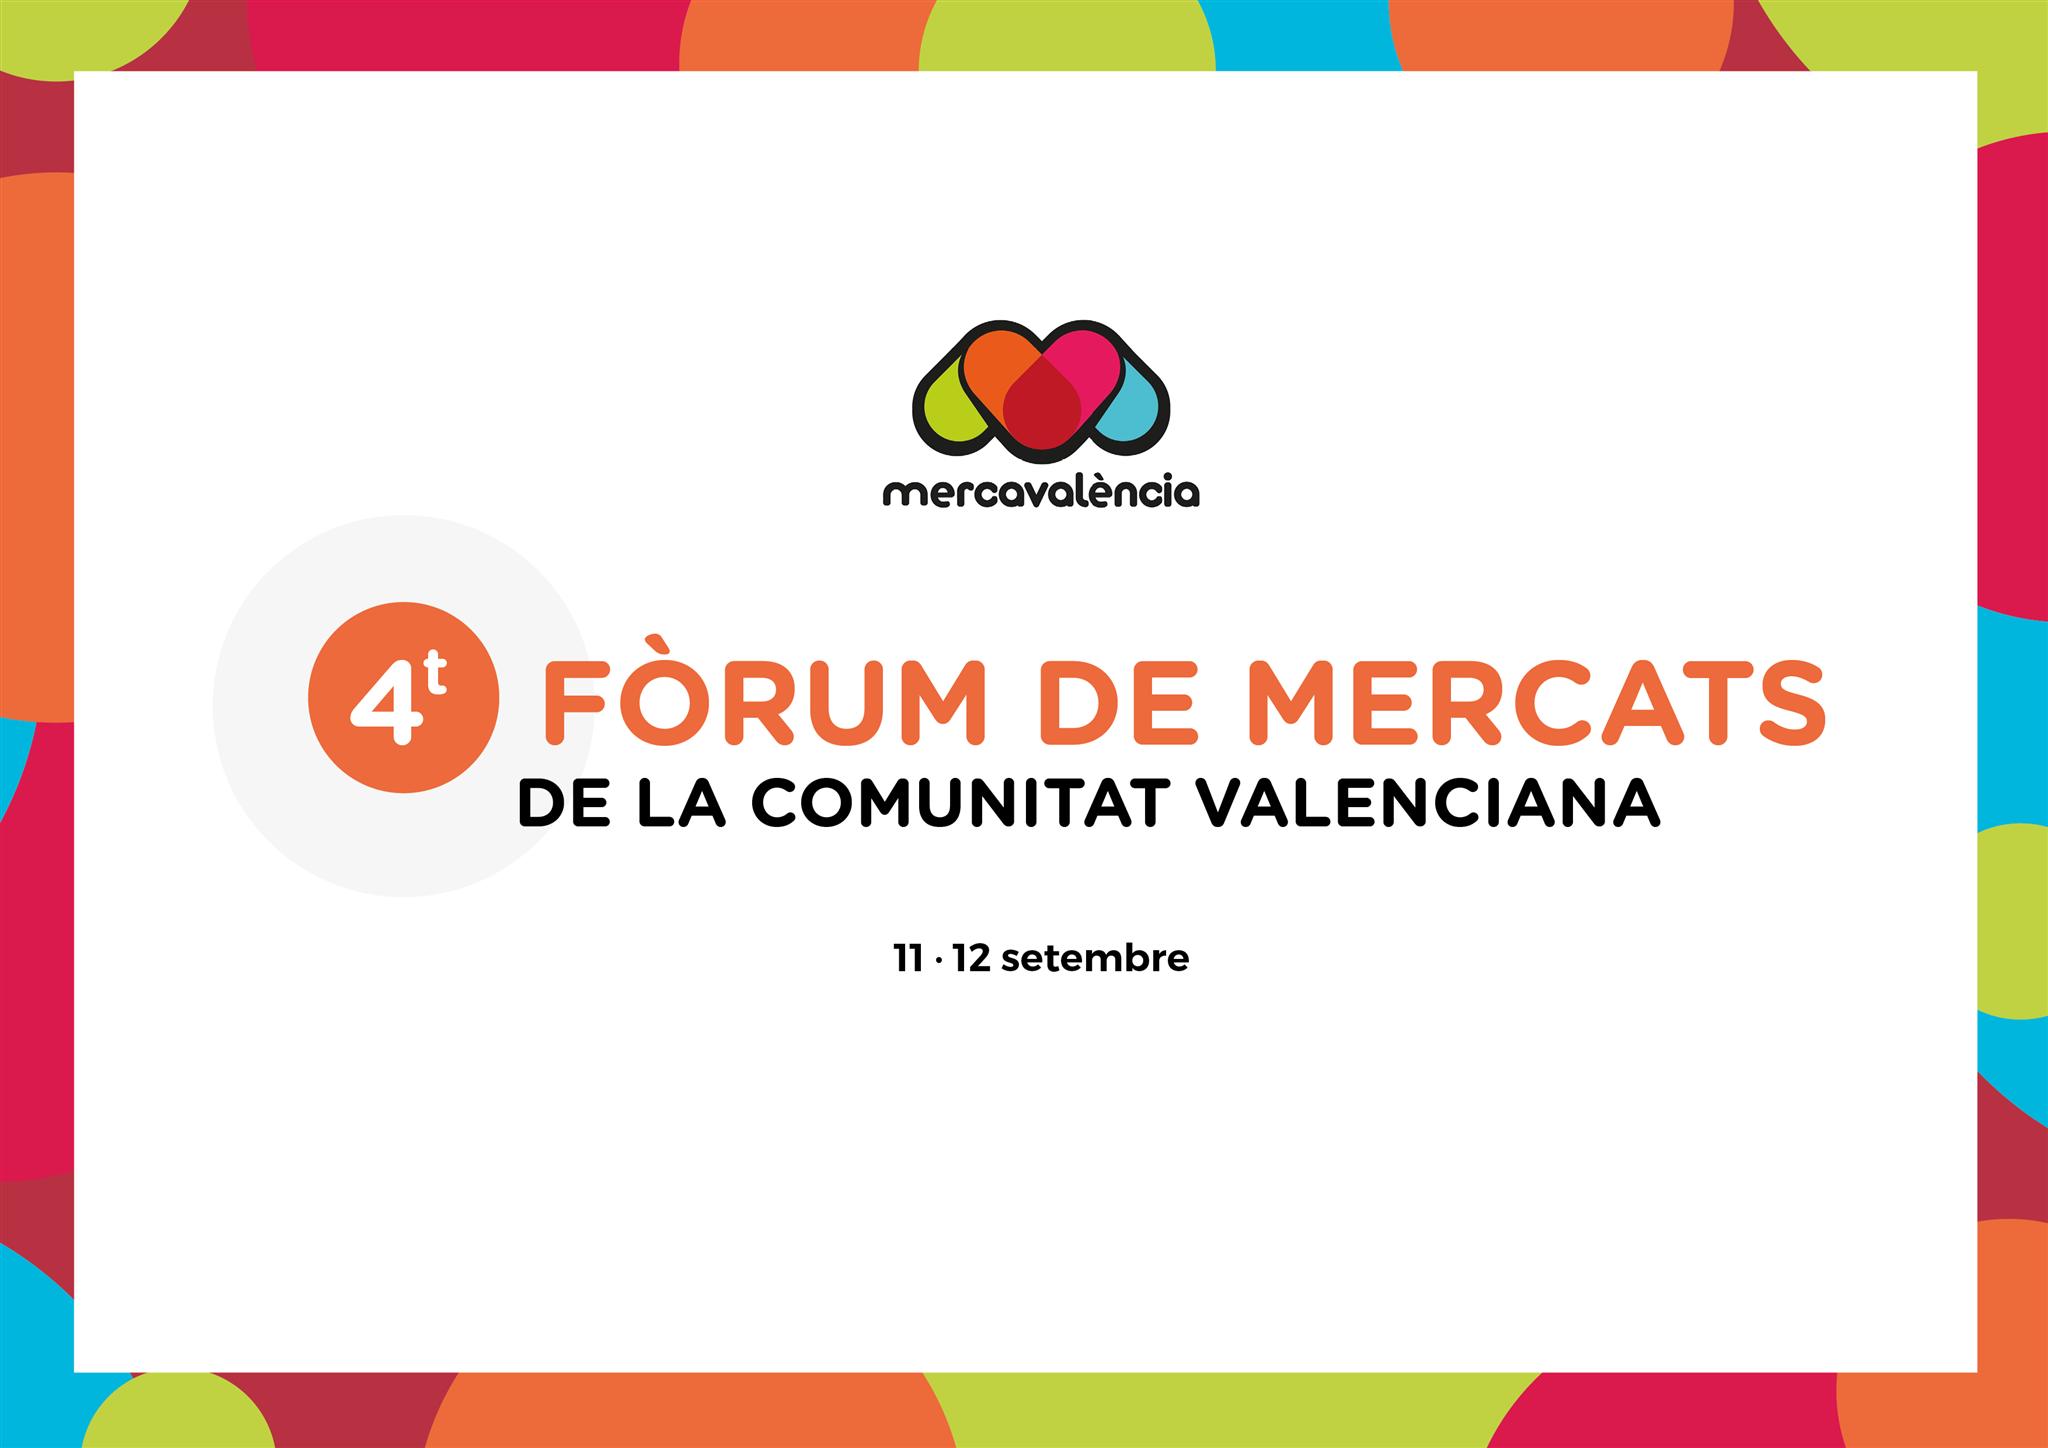 Mercavalència aconsegueix oferir una visió 360 graus dels mercats municipals en el IV Fòrum de Mercats